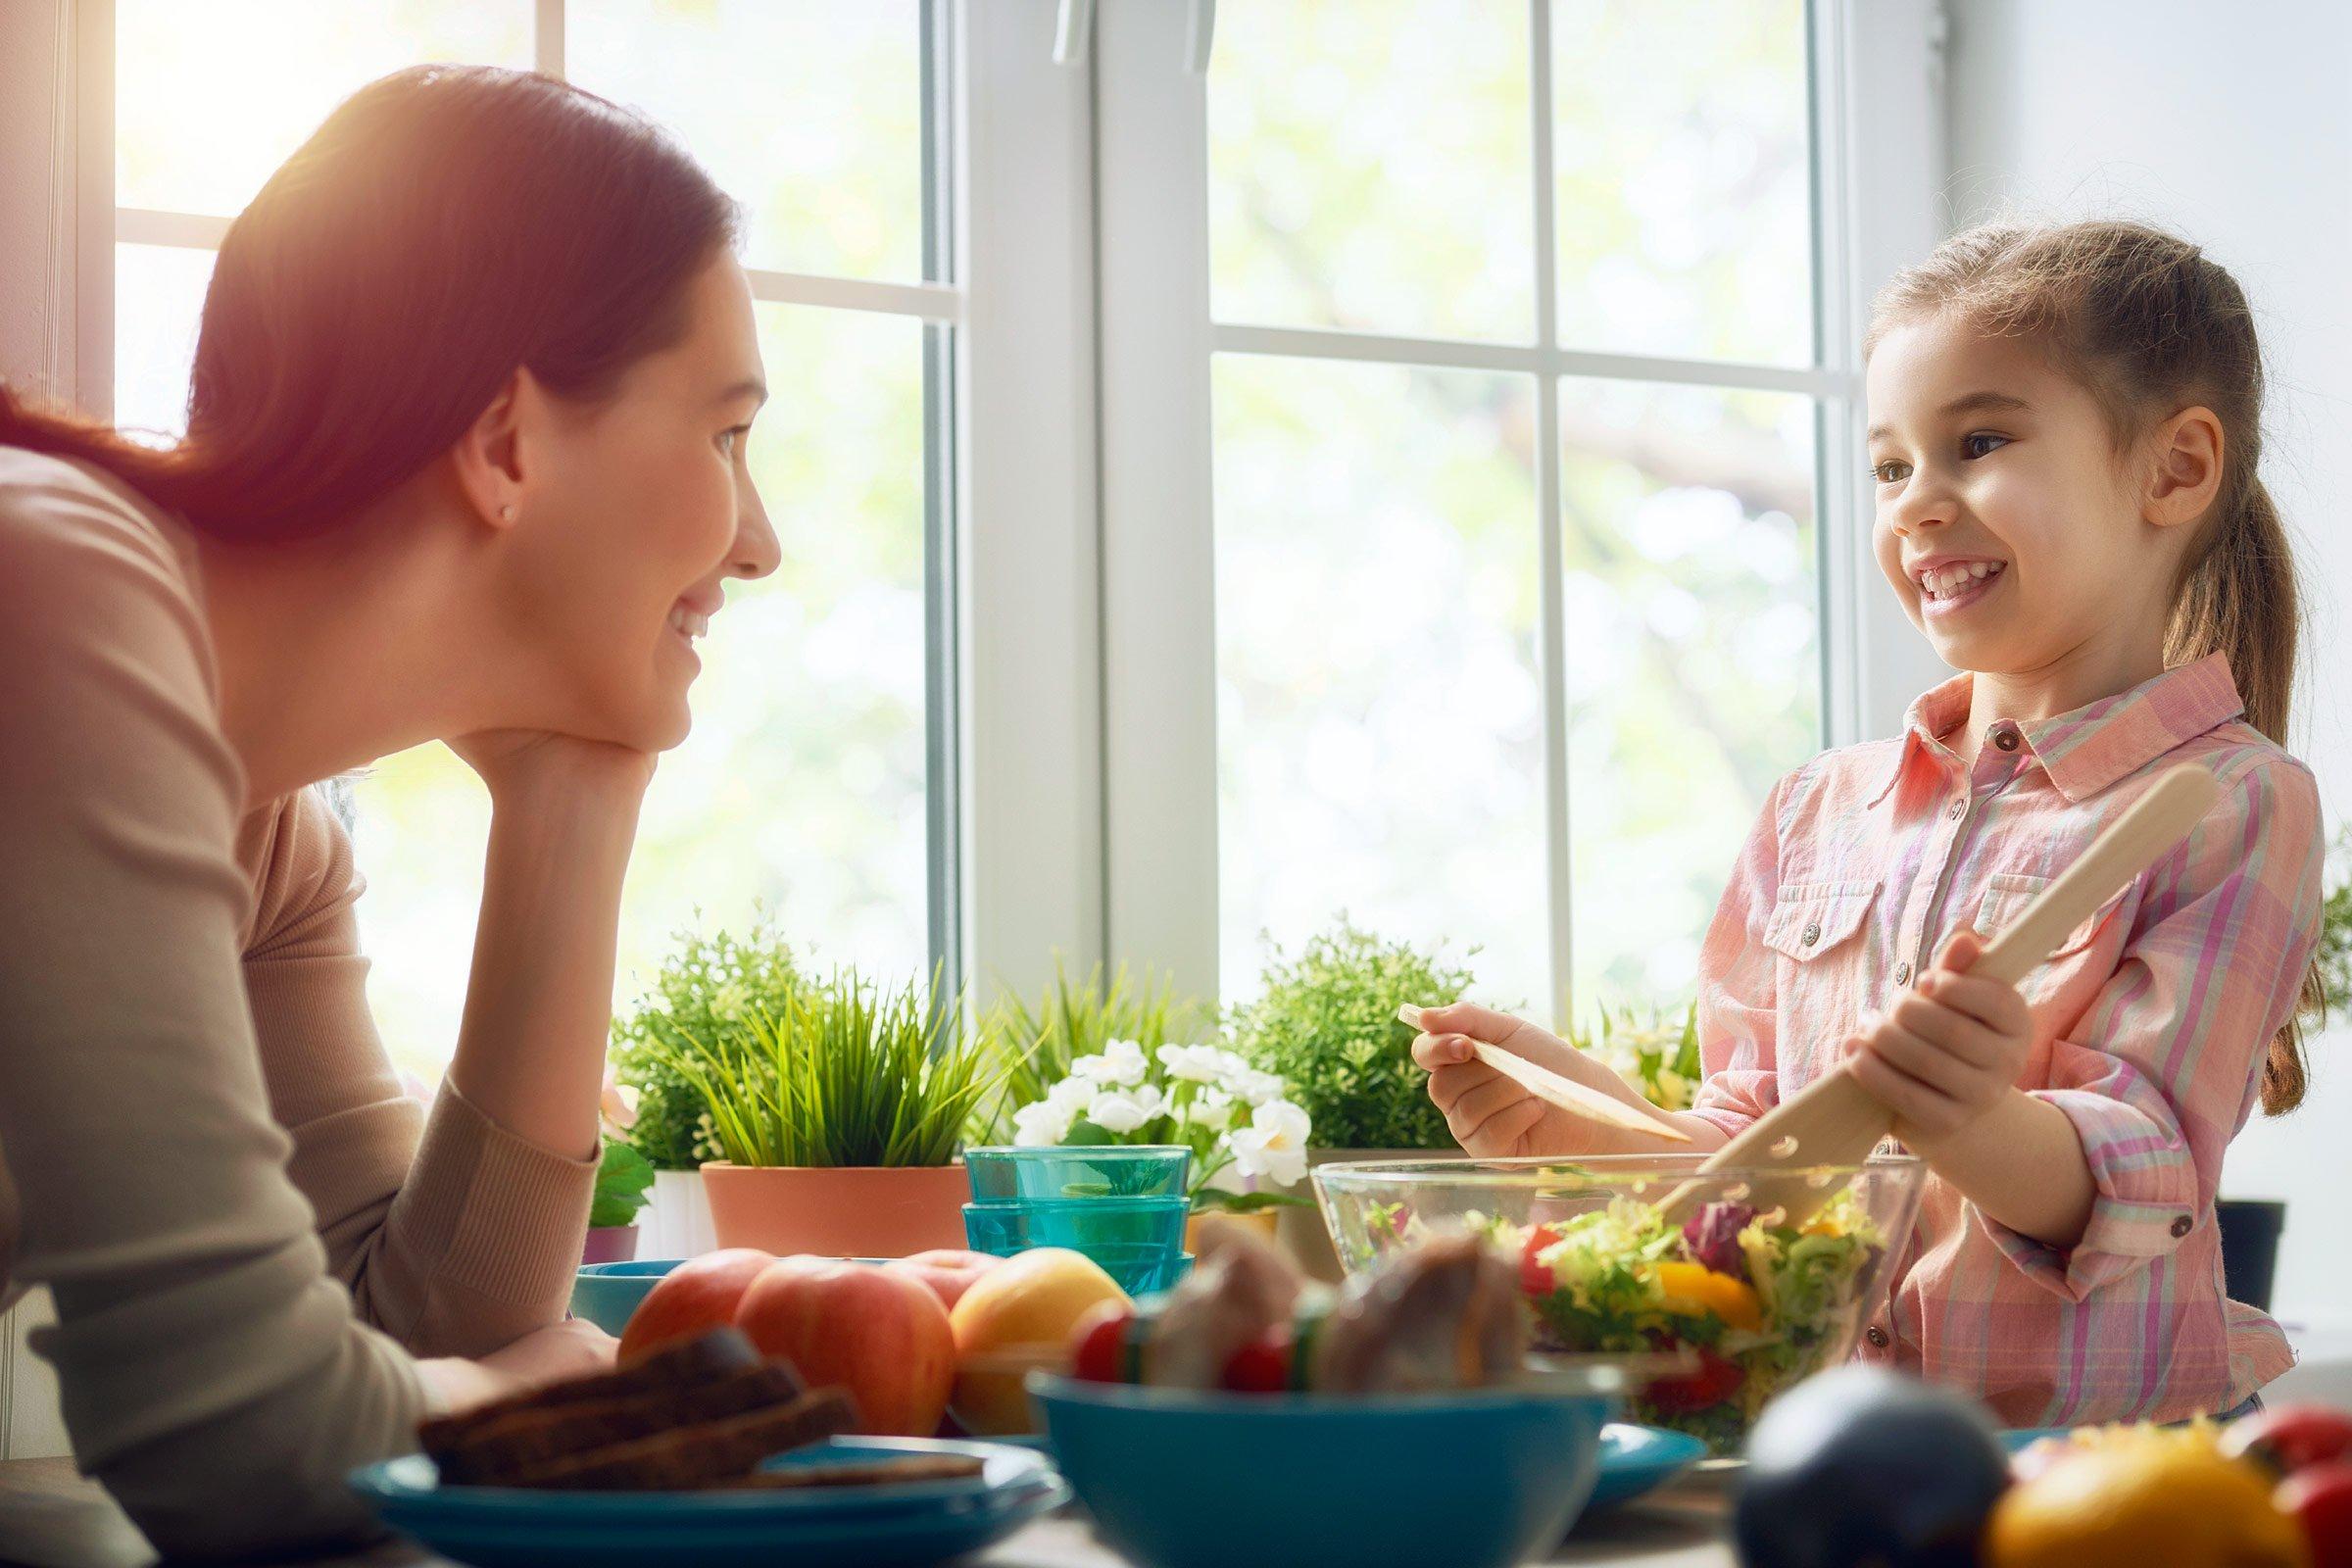 cha mẹ cần học kỹ năng lắng nghe và nói chuyện với con